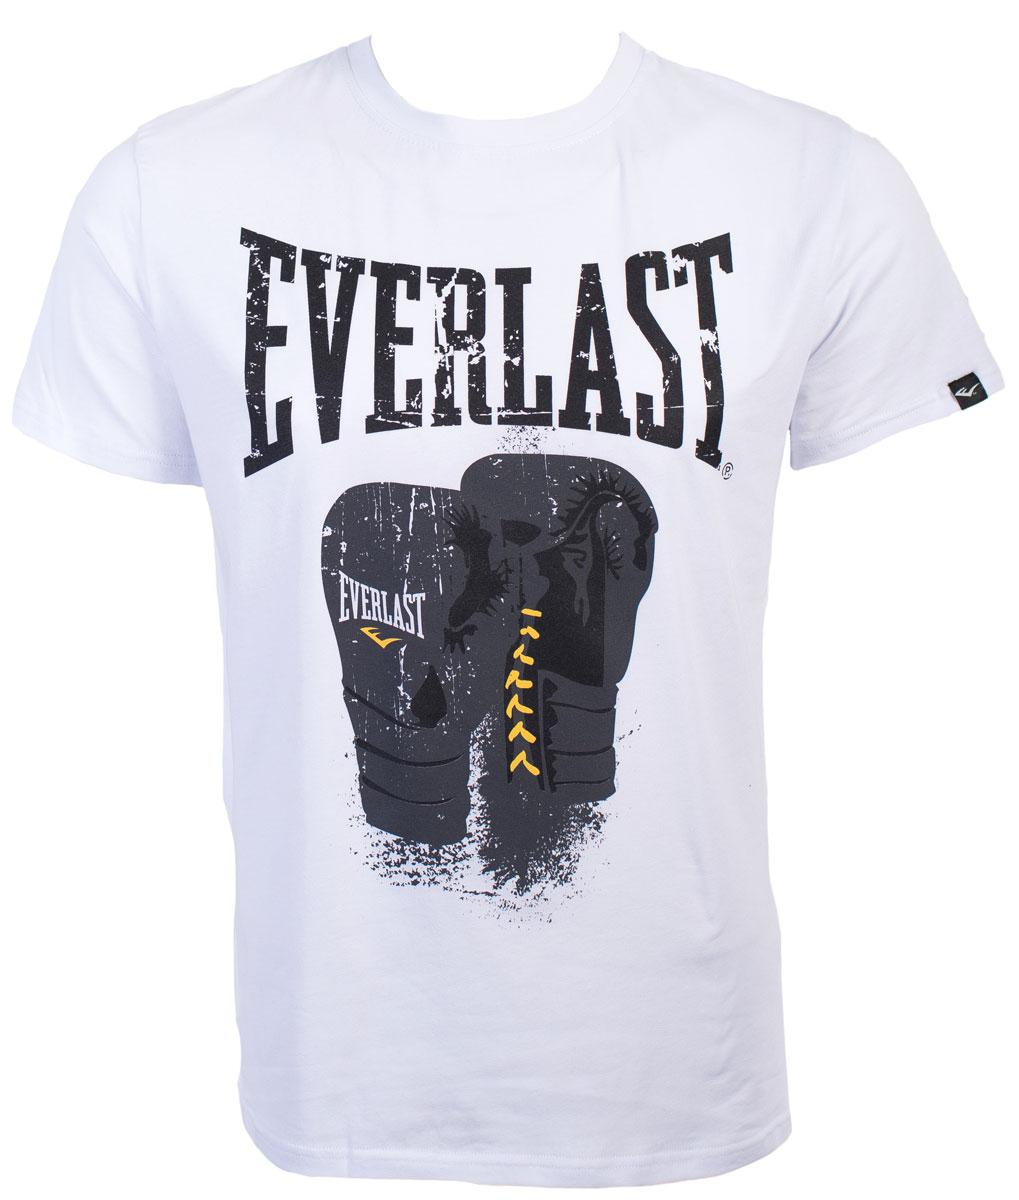 Футболка мужская Everlast Logo Protex Gloves, цвет: белый. RE0041. Размер M (48/50)RE0041Симпатичная мужская футболка Everlast выполнена из высококачественного материала, обеспечит вам комфорт при носке.Футболка прямого кроя с круглым вырезом горловины и короткими рукавами оформлена принтовой надписью и изображением боксерских перчаток. Эта замечательная футболка отлично подойдет для тренировок и повседневного ношения.